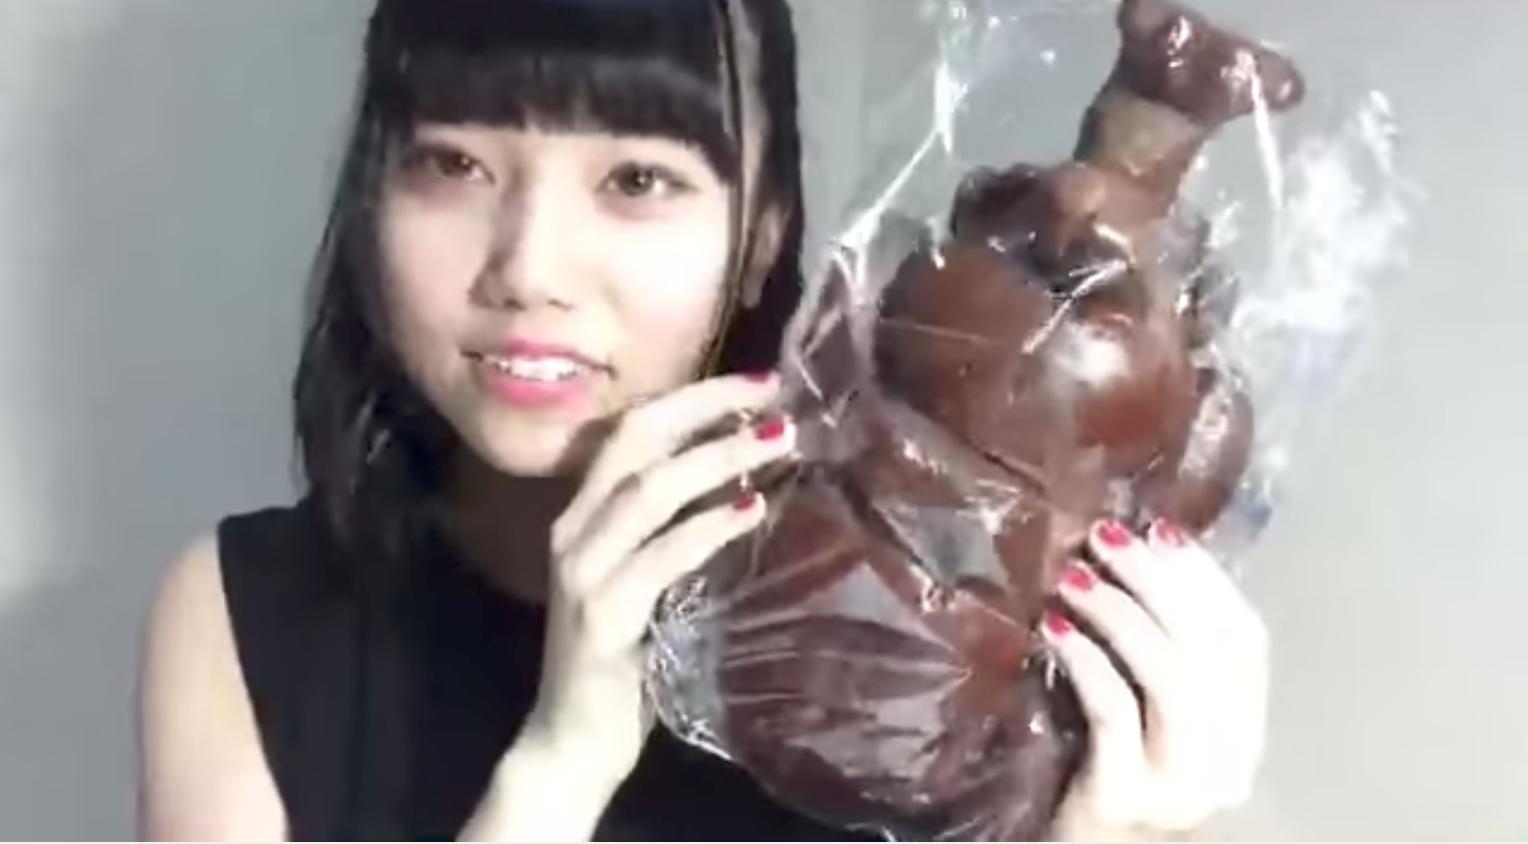 GIOGIOの奇妙な速報‐AKB48・チーム8まとめたの : 長久玲奈「見せたい物があるの」→どデカいカブトムシのパン登場www